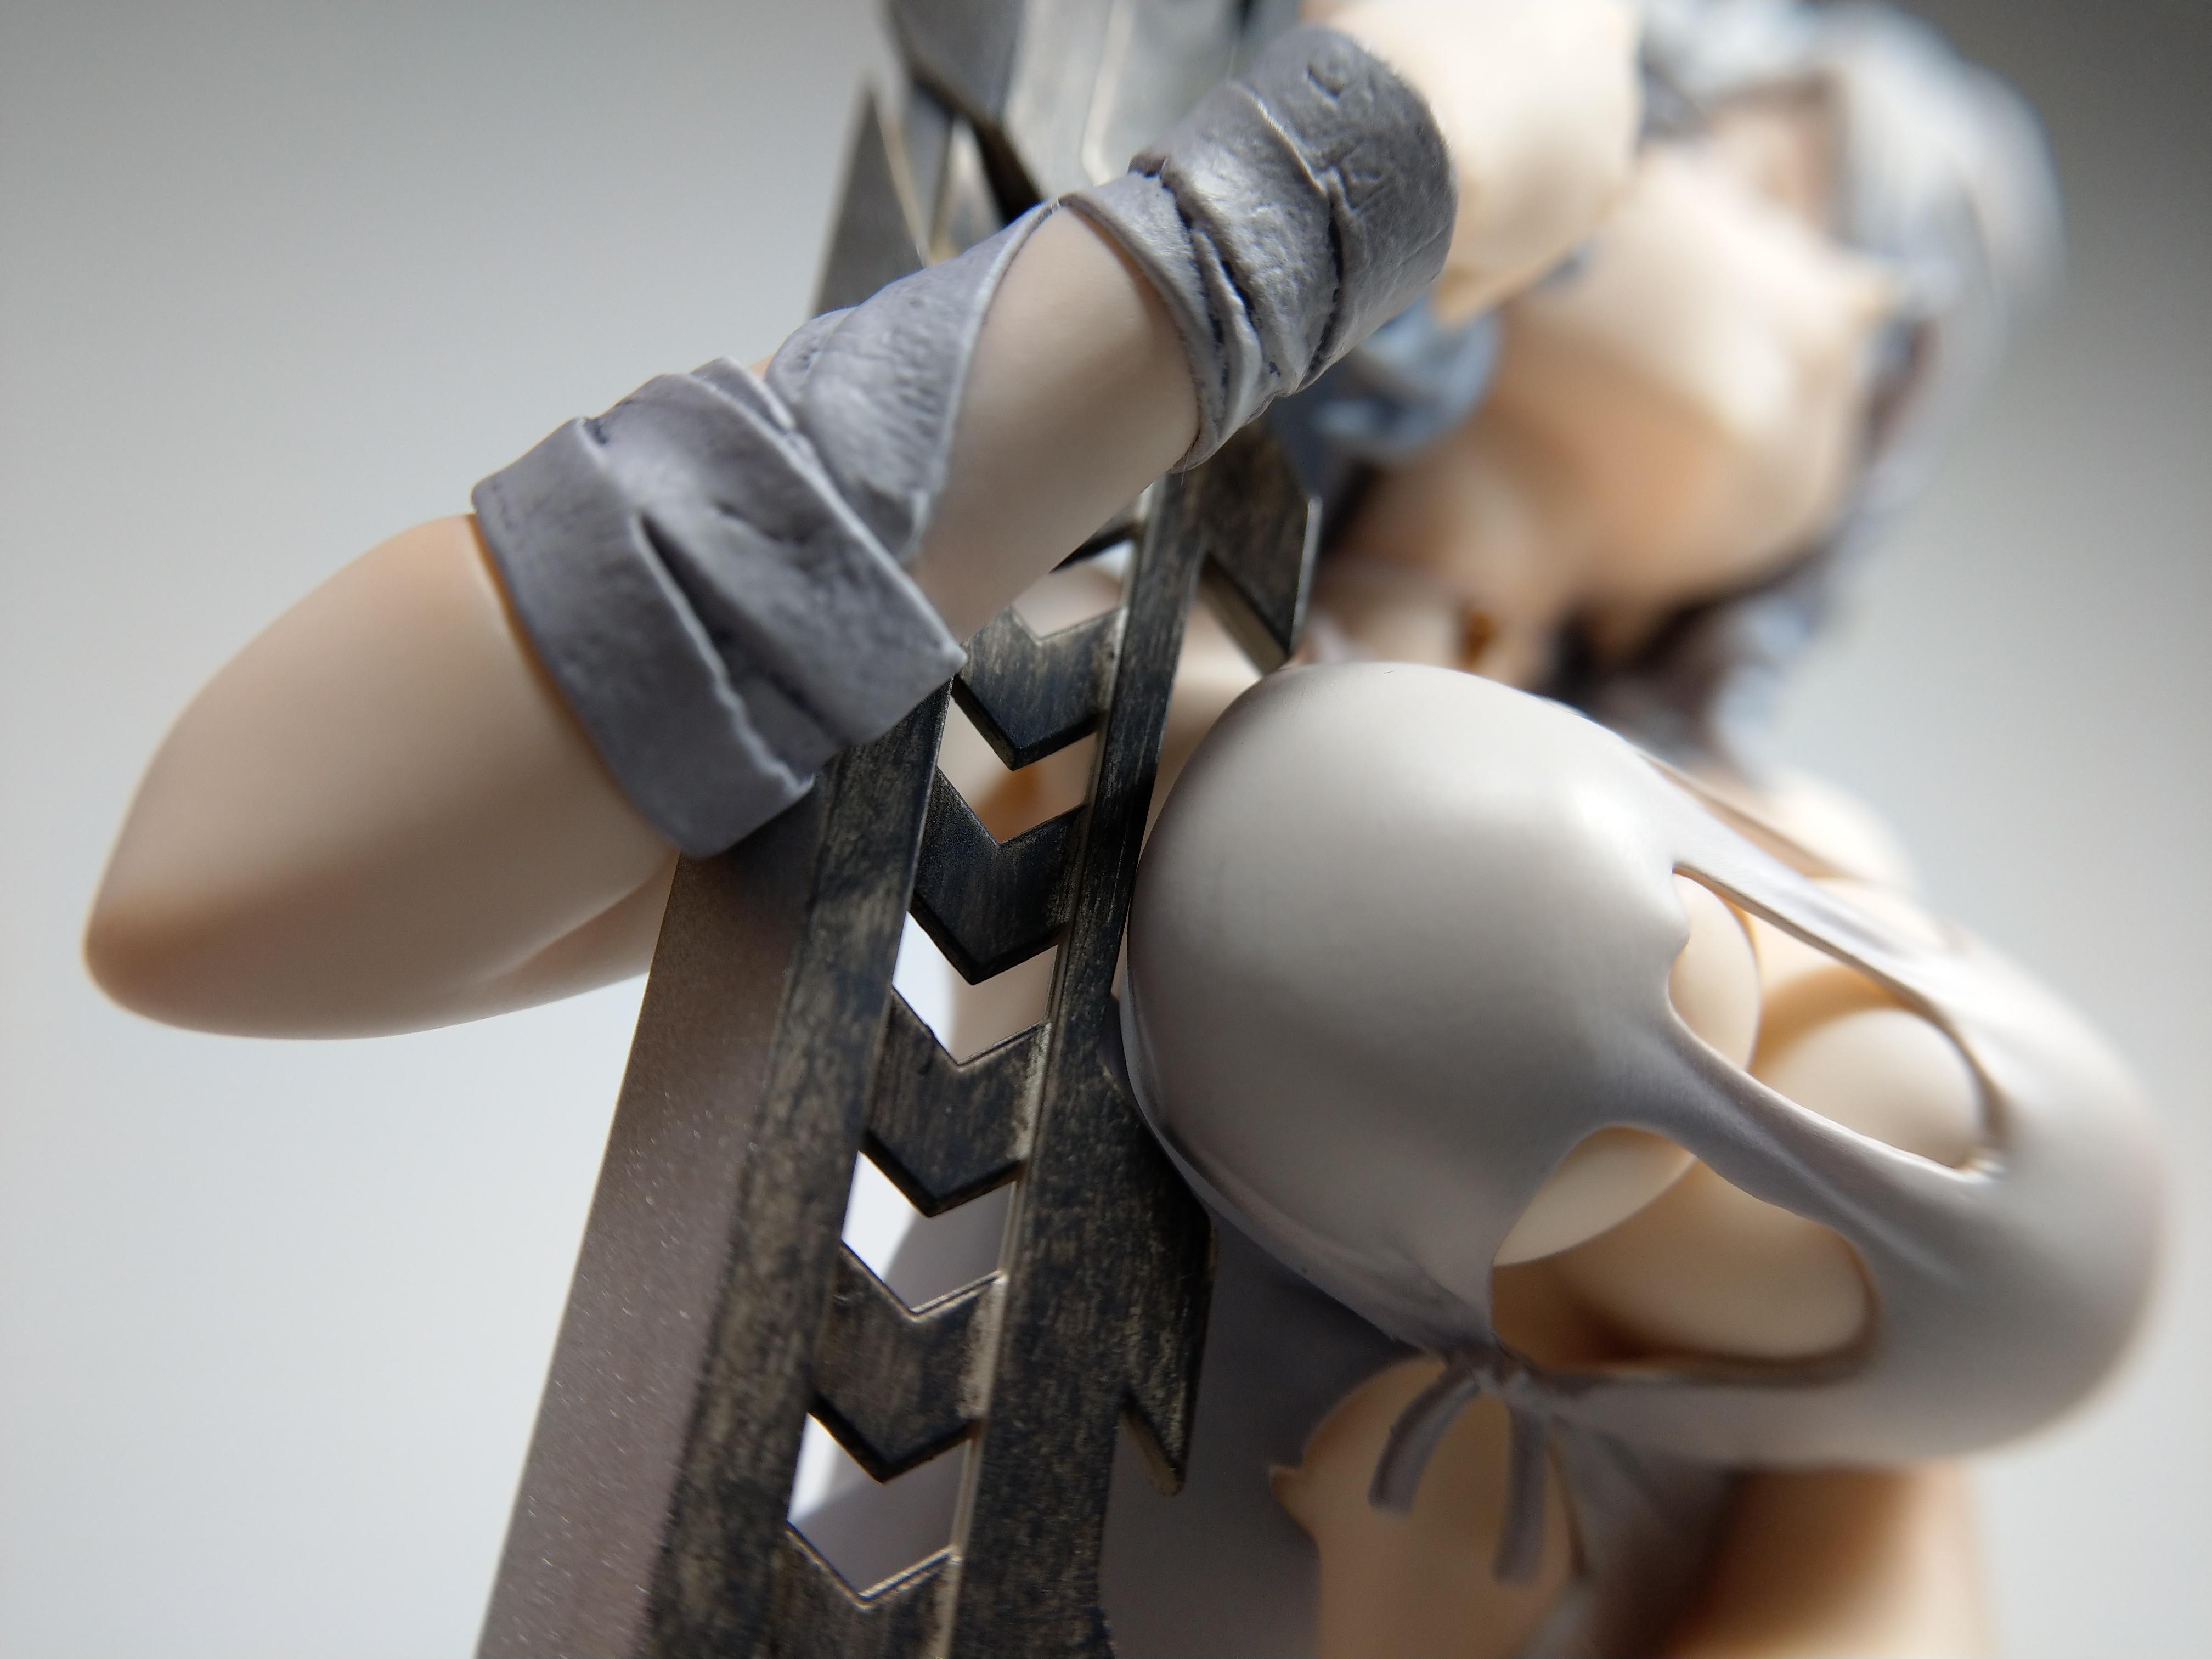 Ио обнимающая меч. - Изображение 43